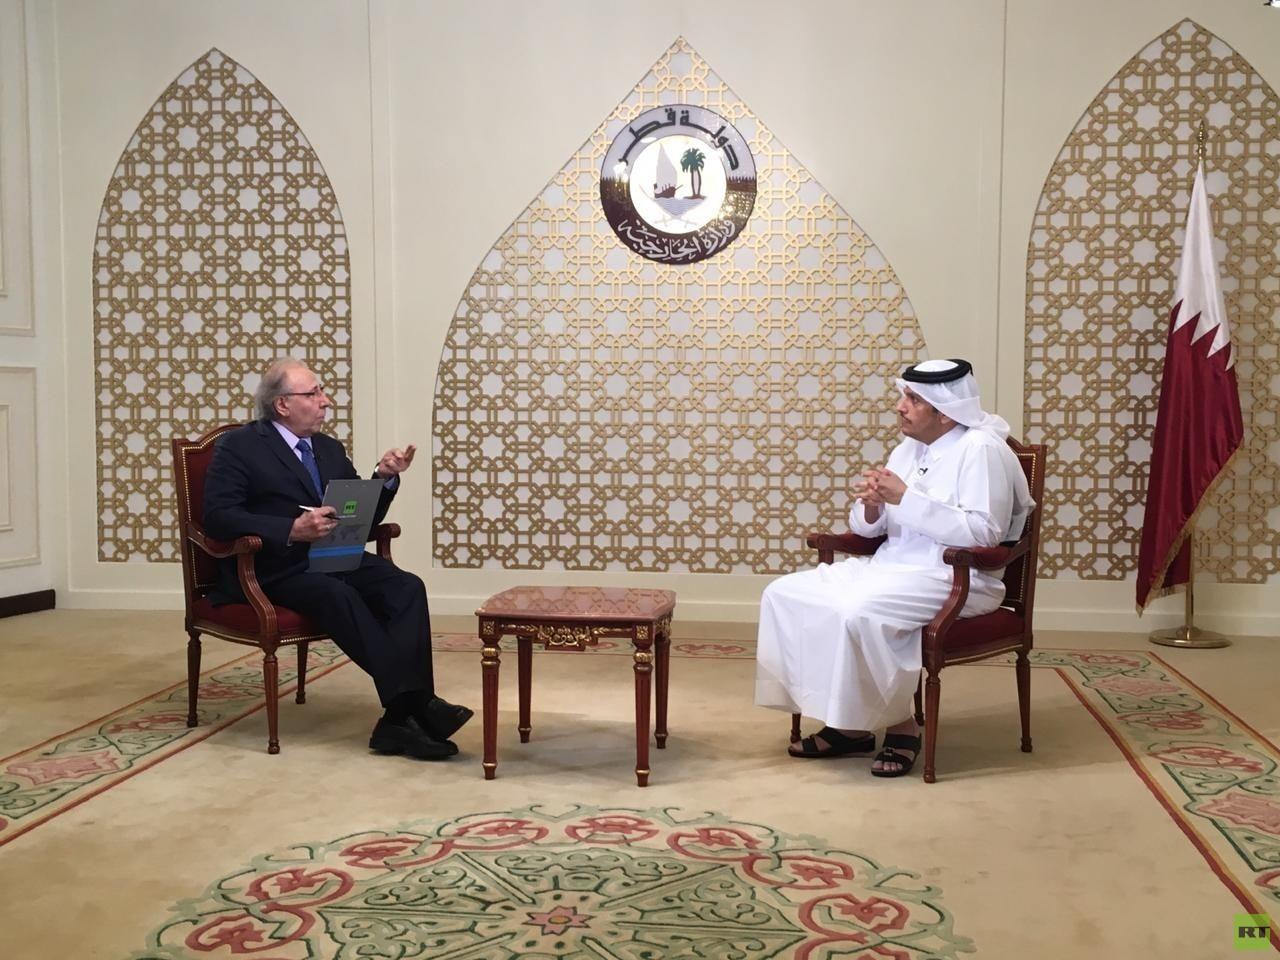 وزير خارجية قطر لـRT: مبادرة عدم الاعتداء الإيرانية تستحق التجاوب وامتلاك